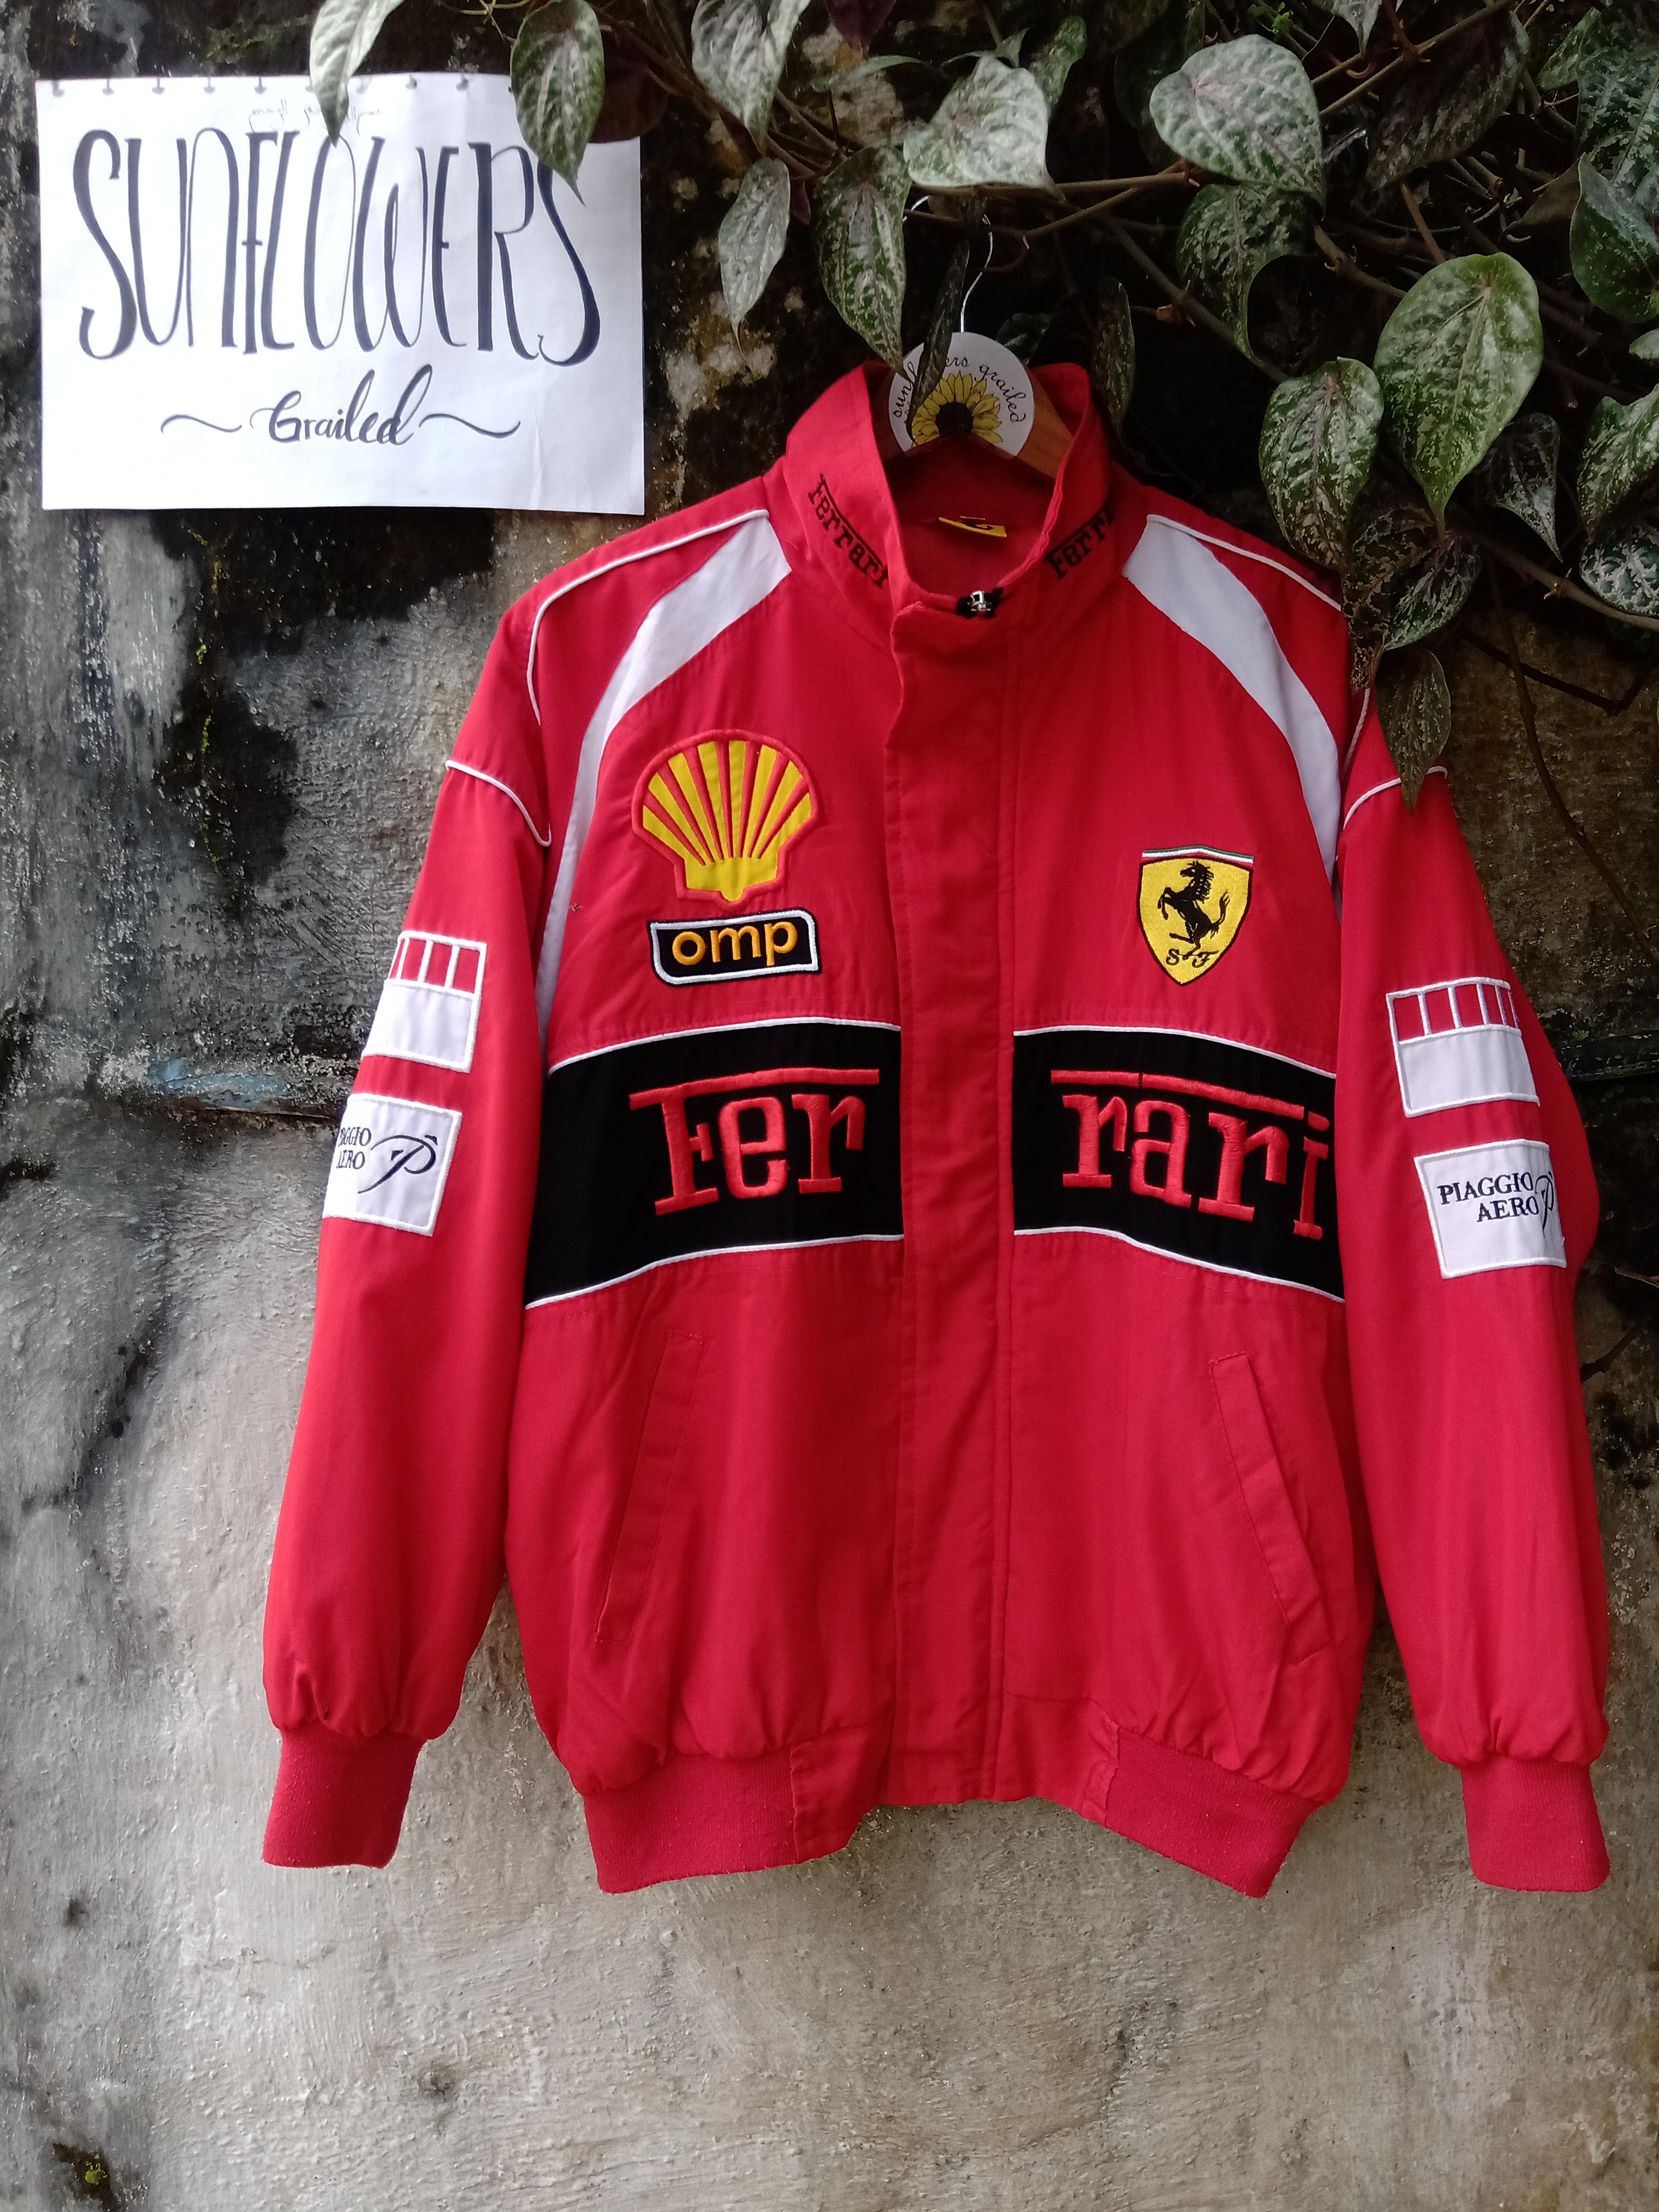 Vintage Rare Vintage Ferrari F1 Racing Jacket Grailed